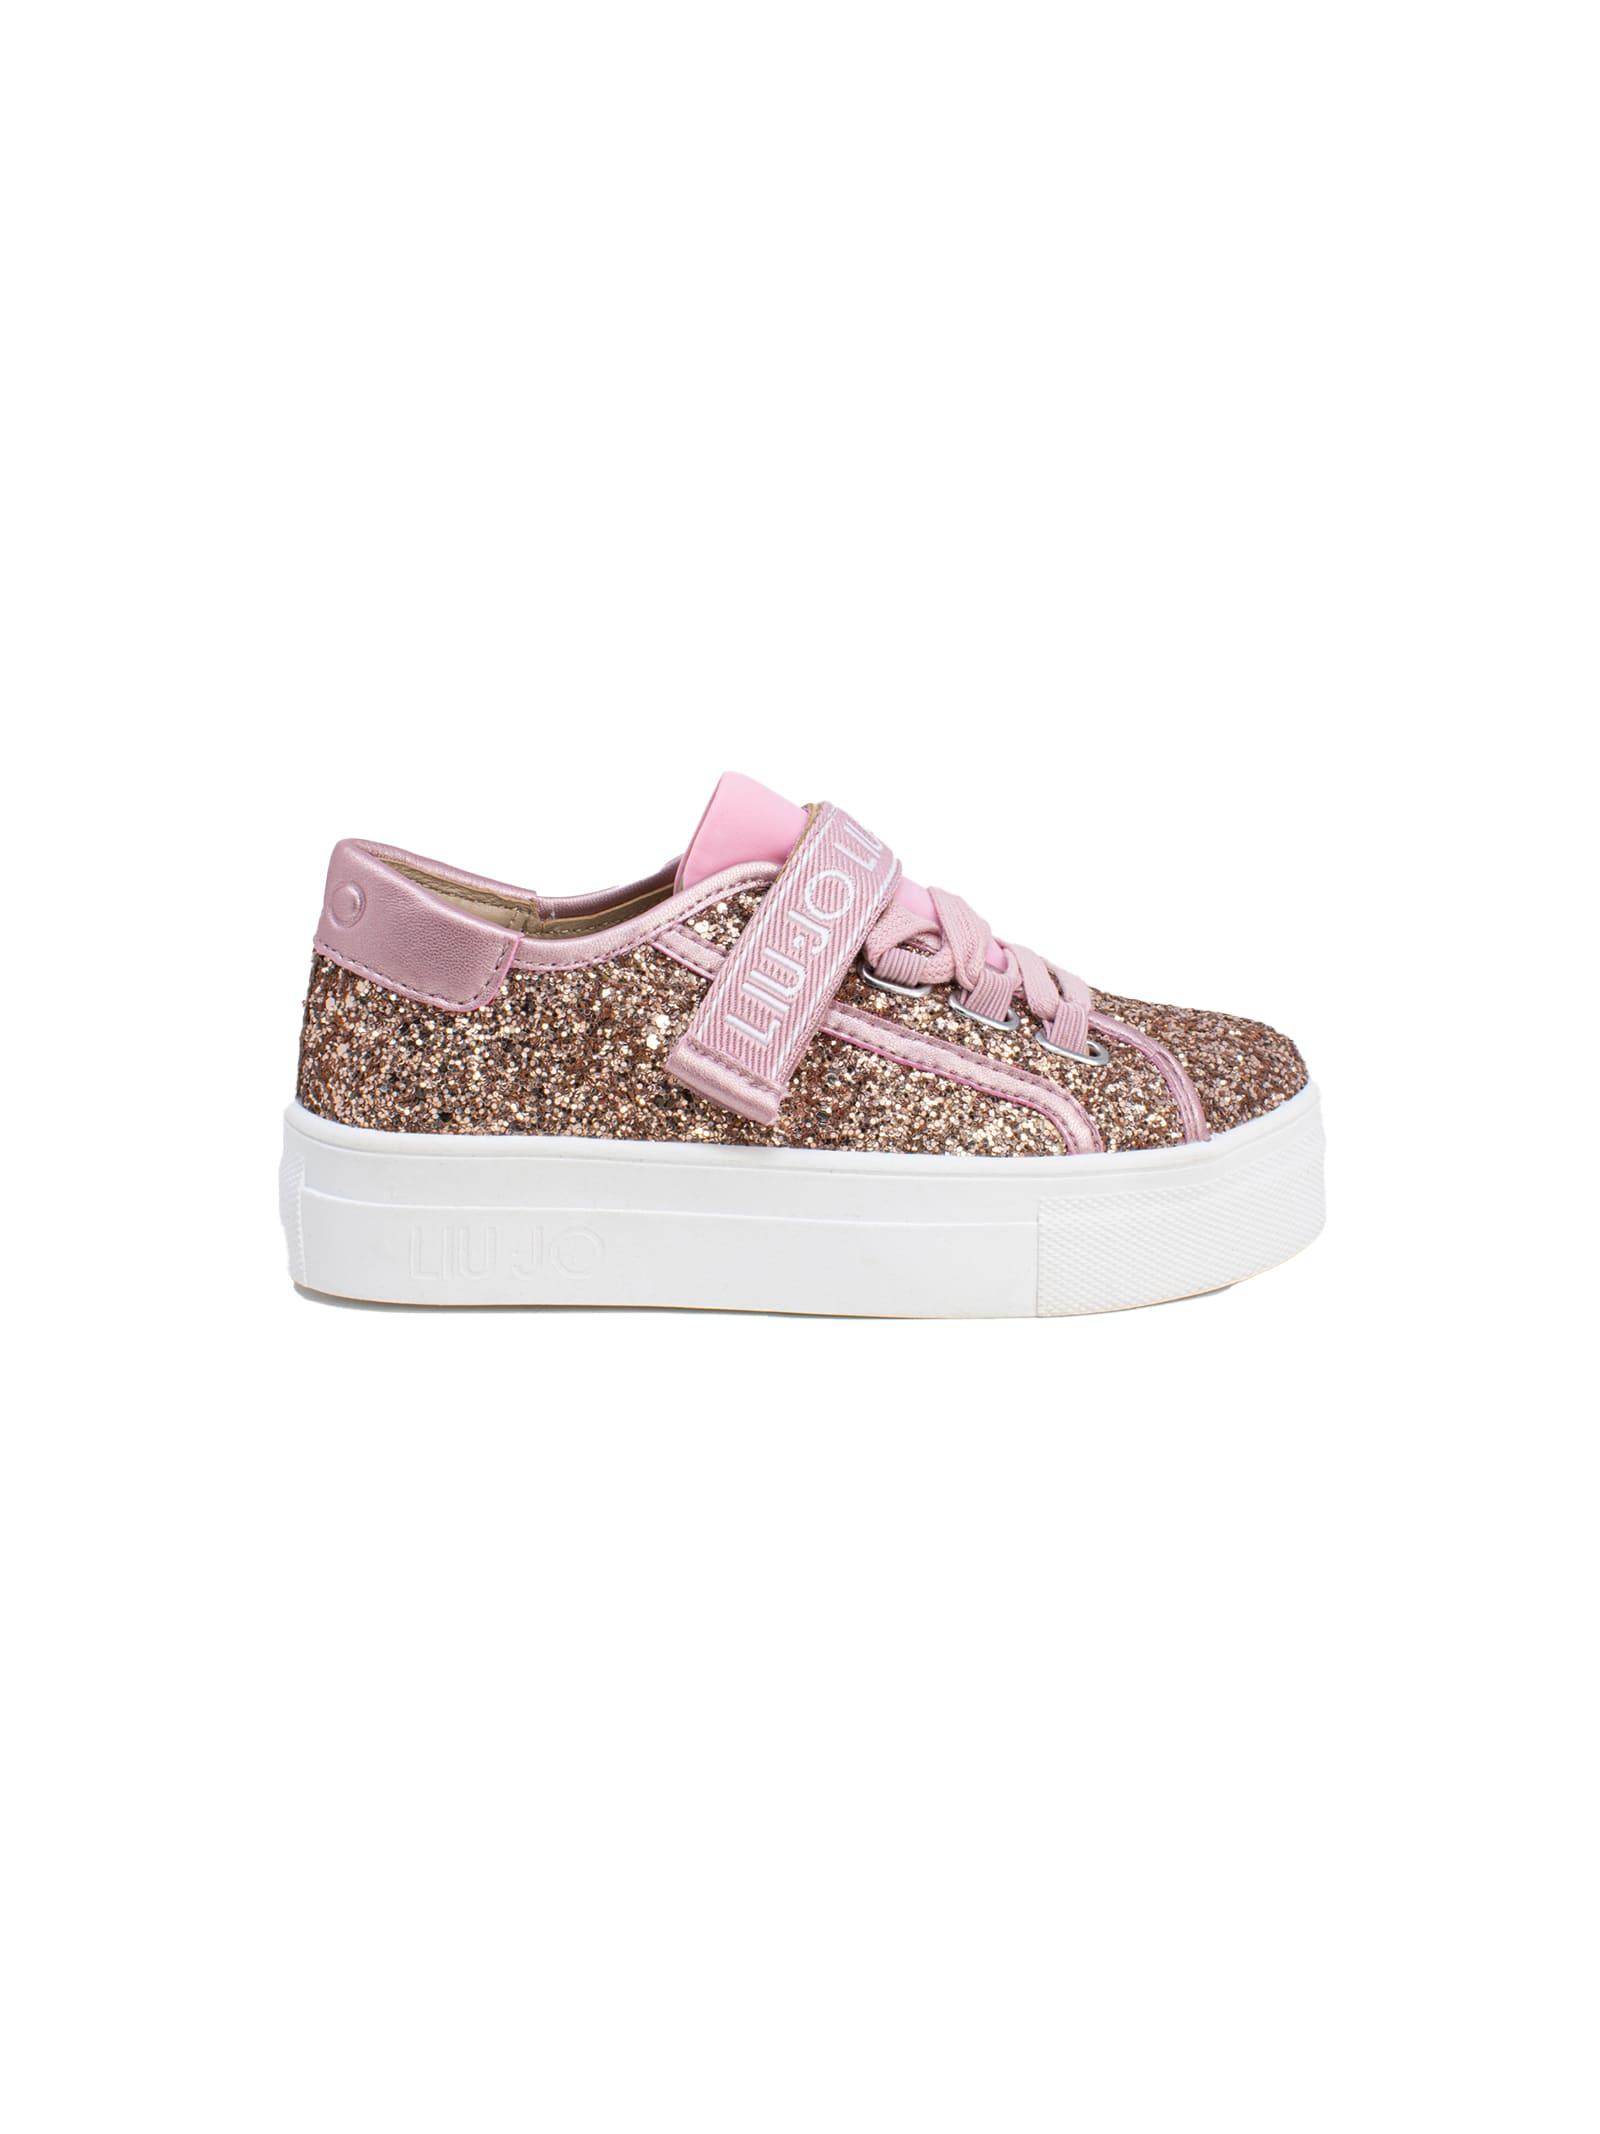 Sneaker Bambina Alicia 26 LIU-JO JUNIOR | Sneakers | 4A1701TX007A7771ROSA GOLD